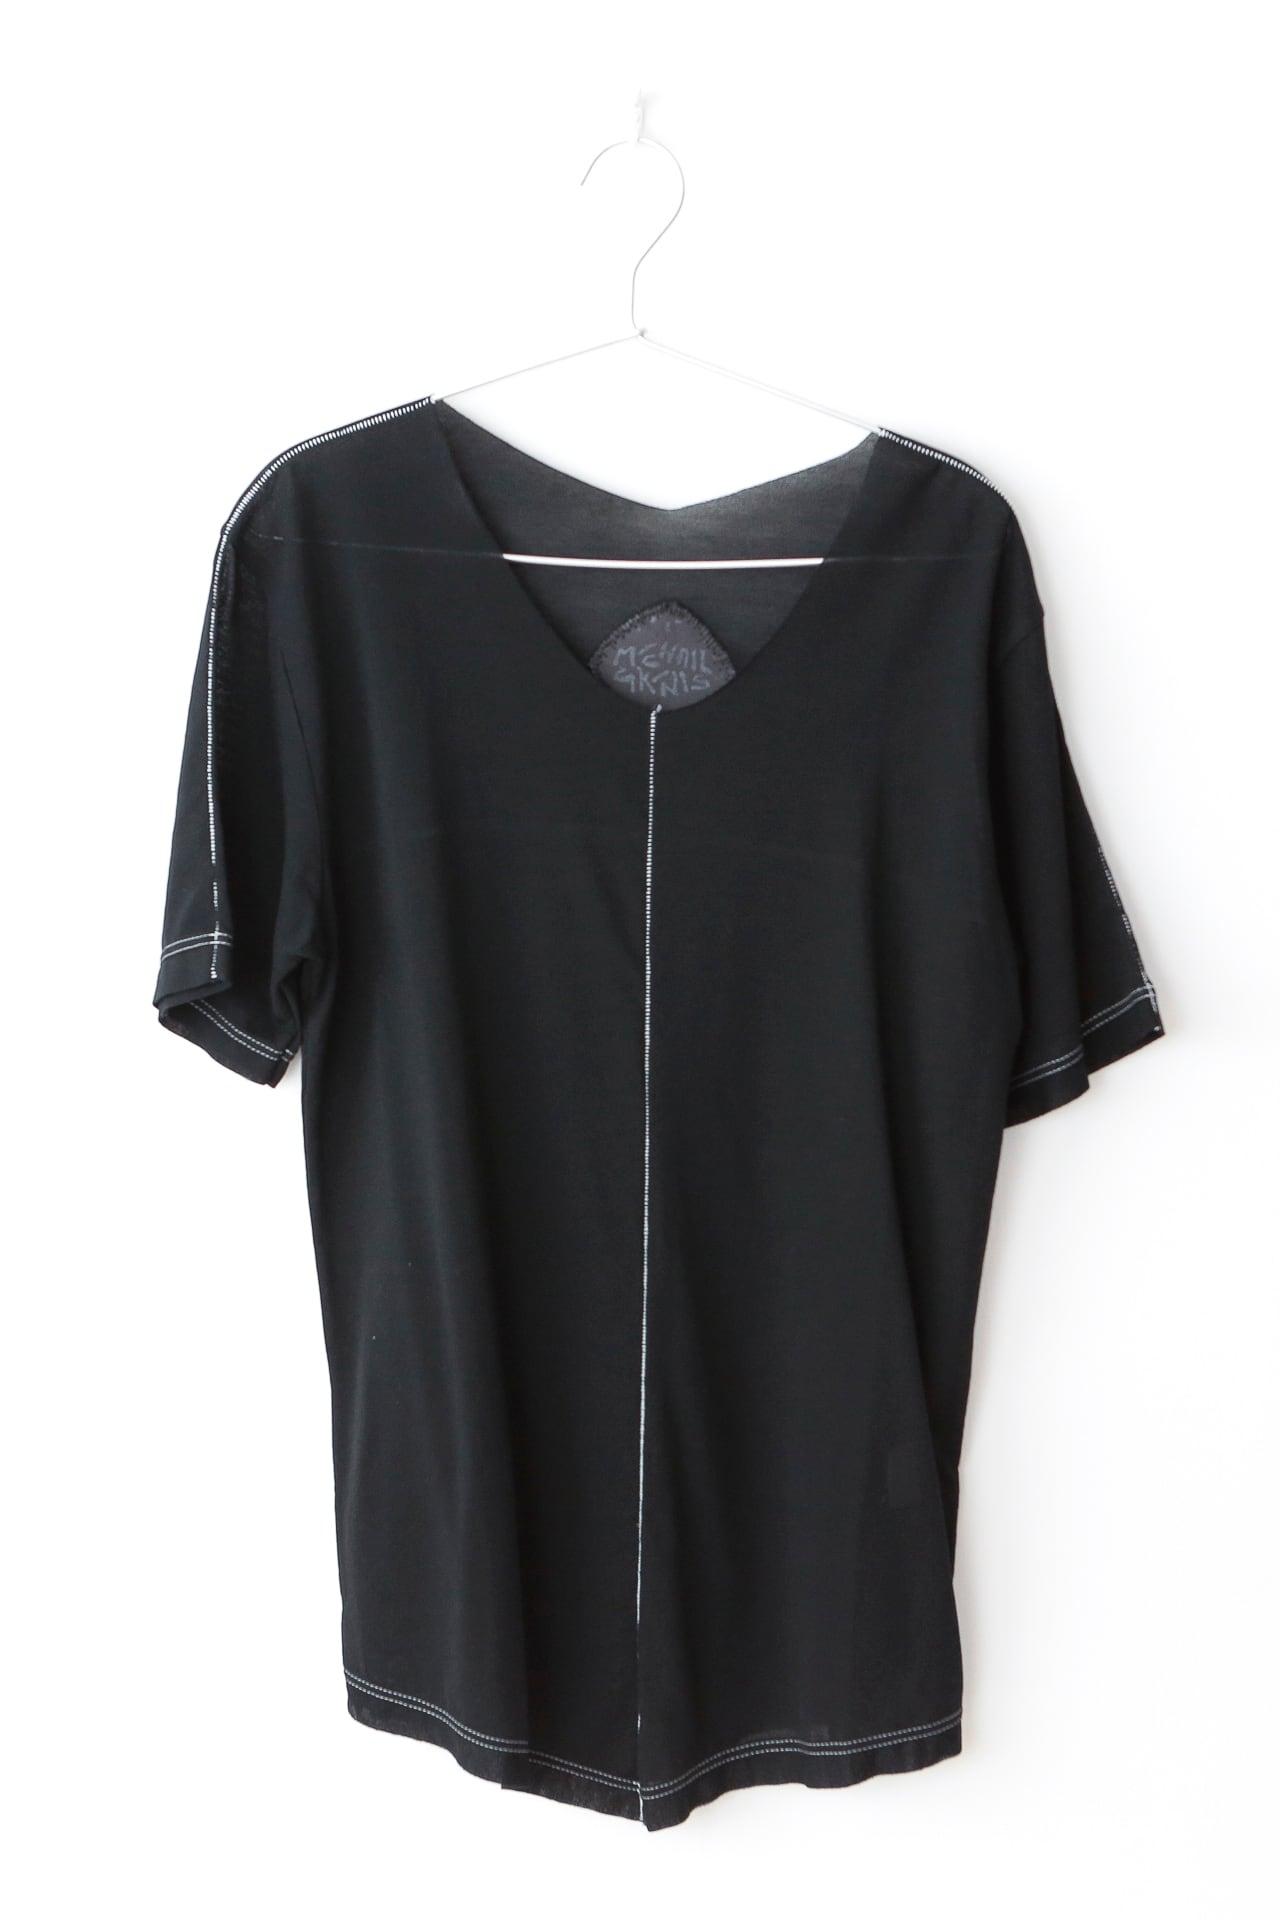 [受注生産]Tshirt【COTTON コットン】BLACK CS2121[税/送料込]